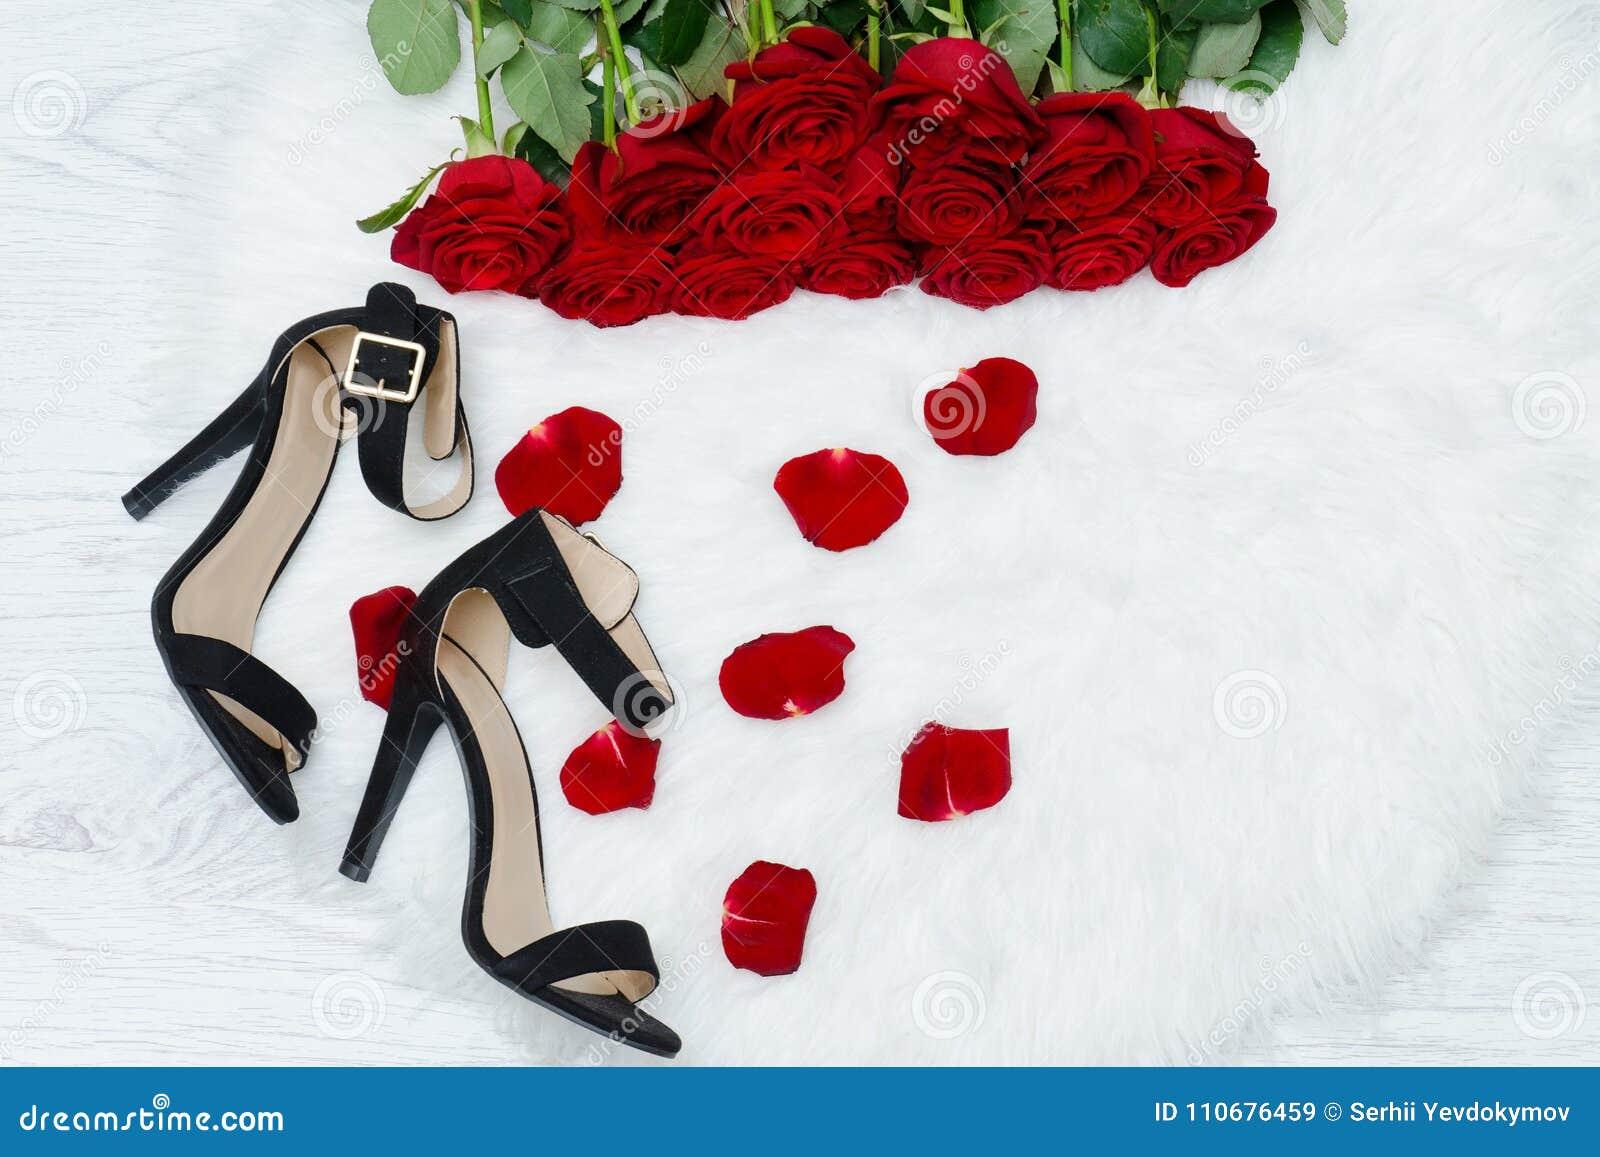 pétalos rojas Rosas rosa negros blanca de color en piel y la los zapatos los AFqwFxCv